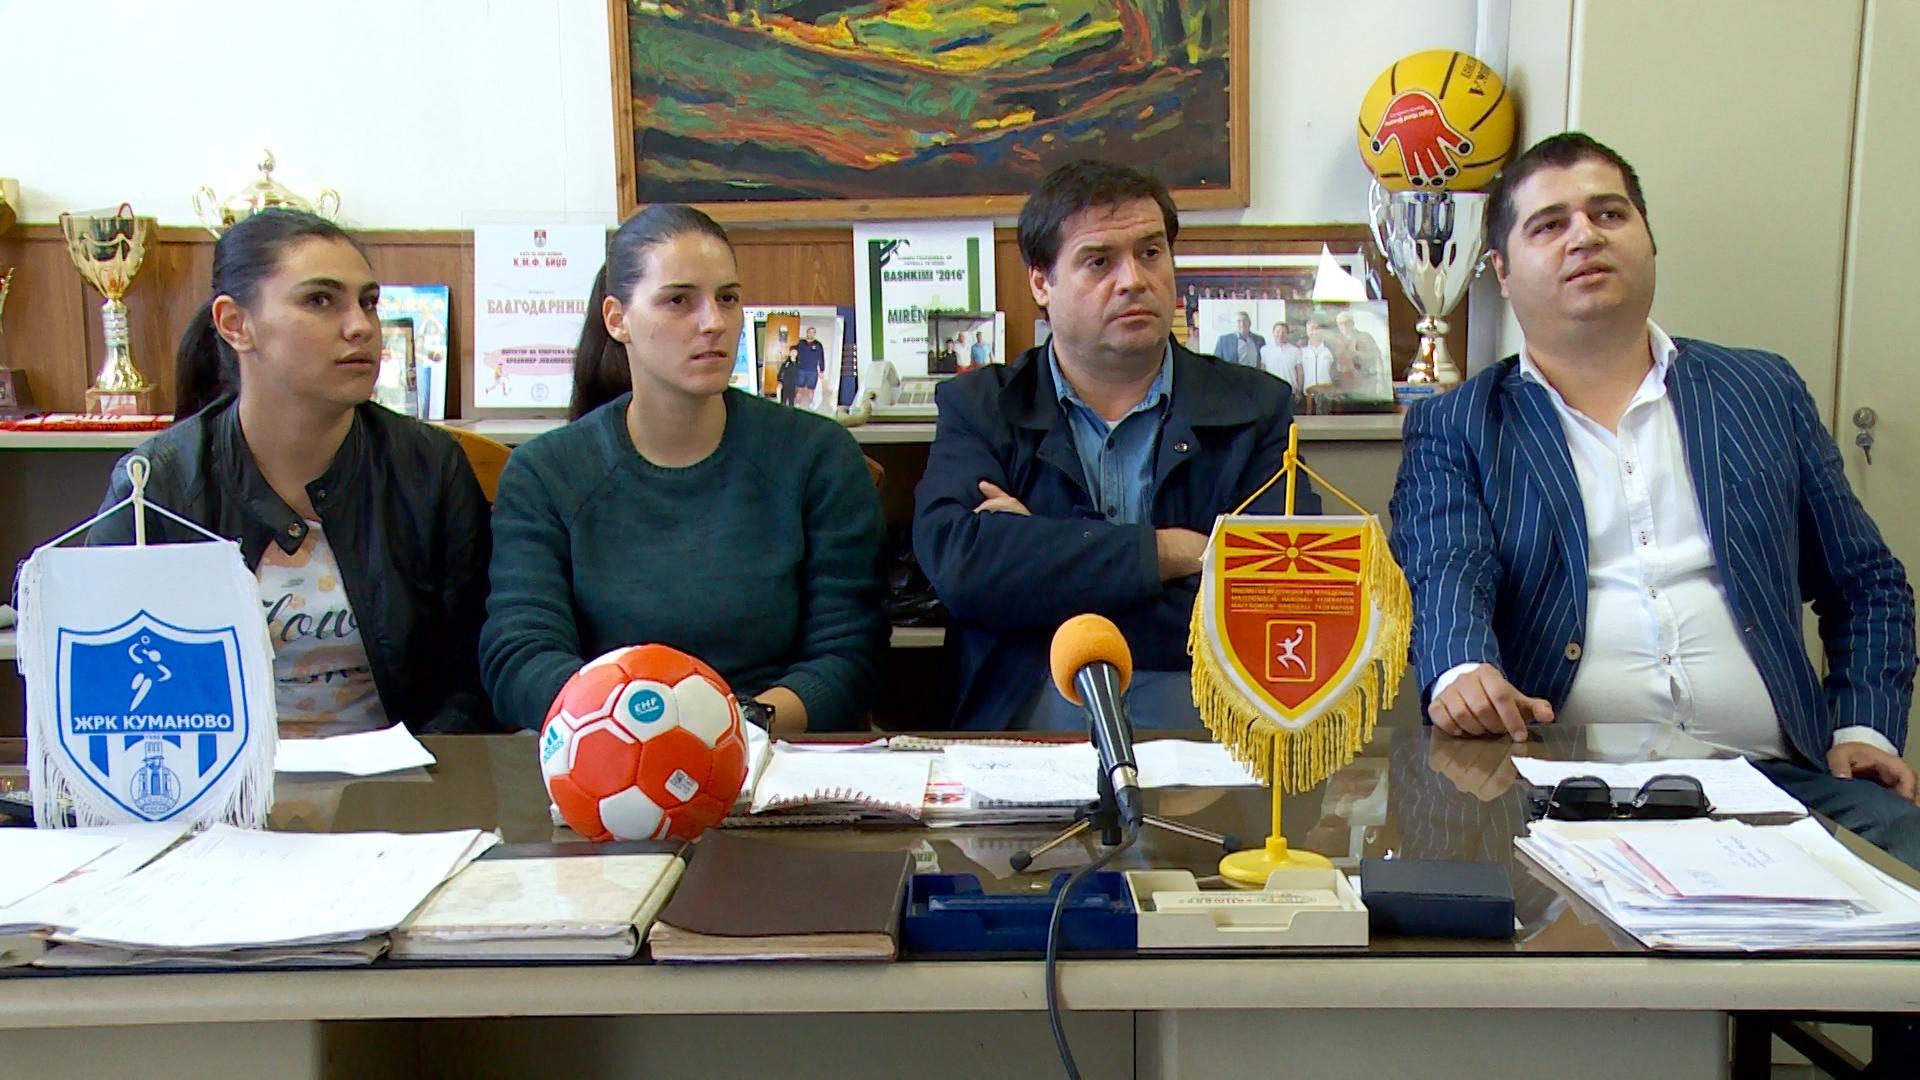 ЕХФ: ЖРК Куманово двата меча ќе ги одигра на гостински терен (видео)